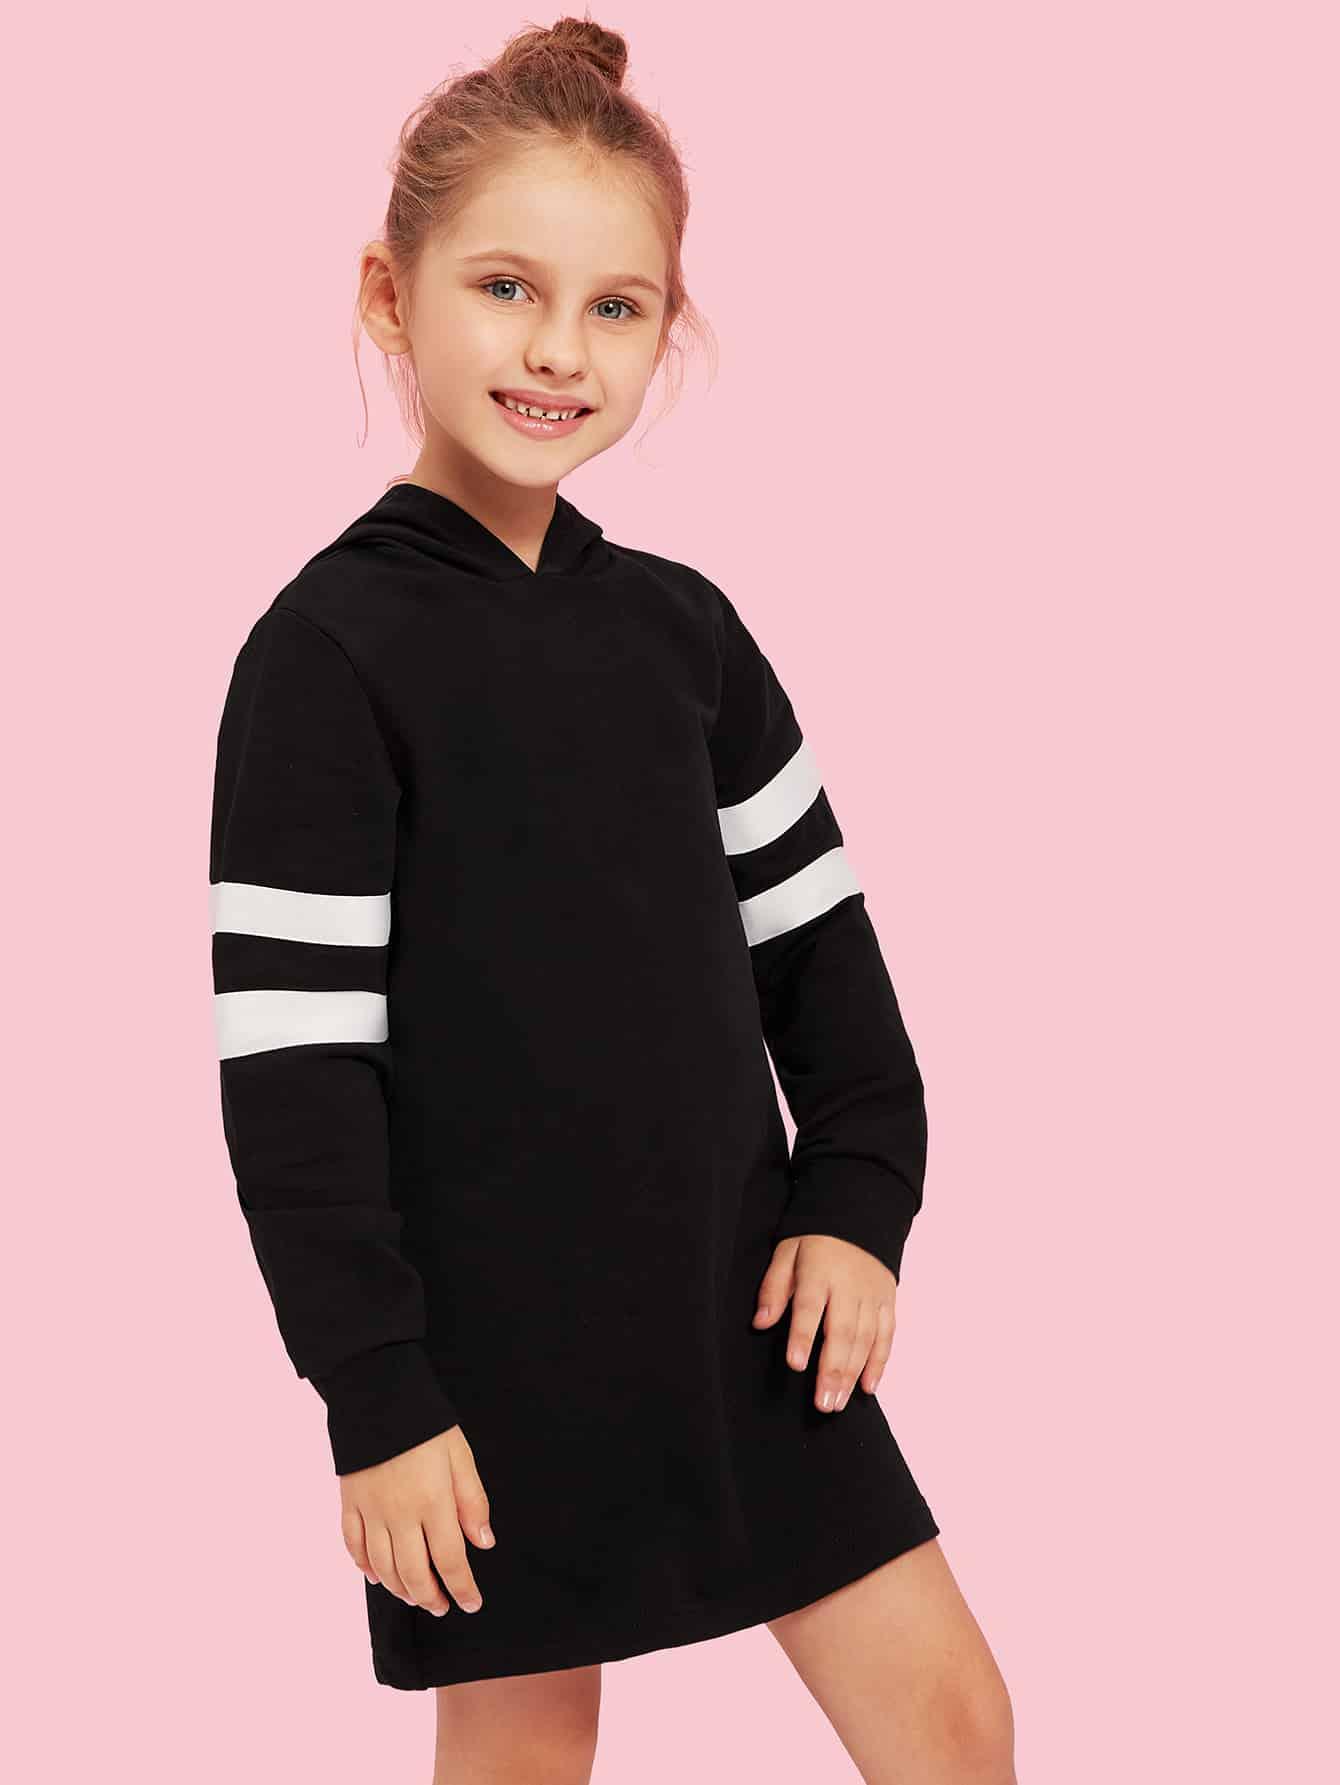 Фото - Полосатое платье униформы с капюшоном для девочек от SheIn цвет чёрные